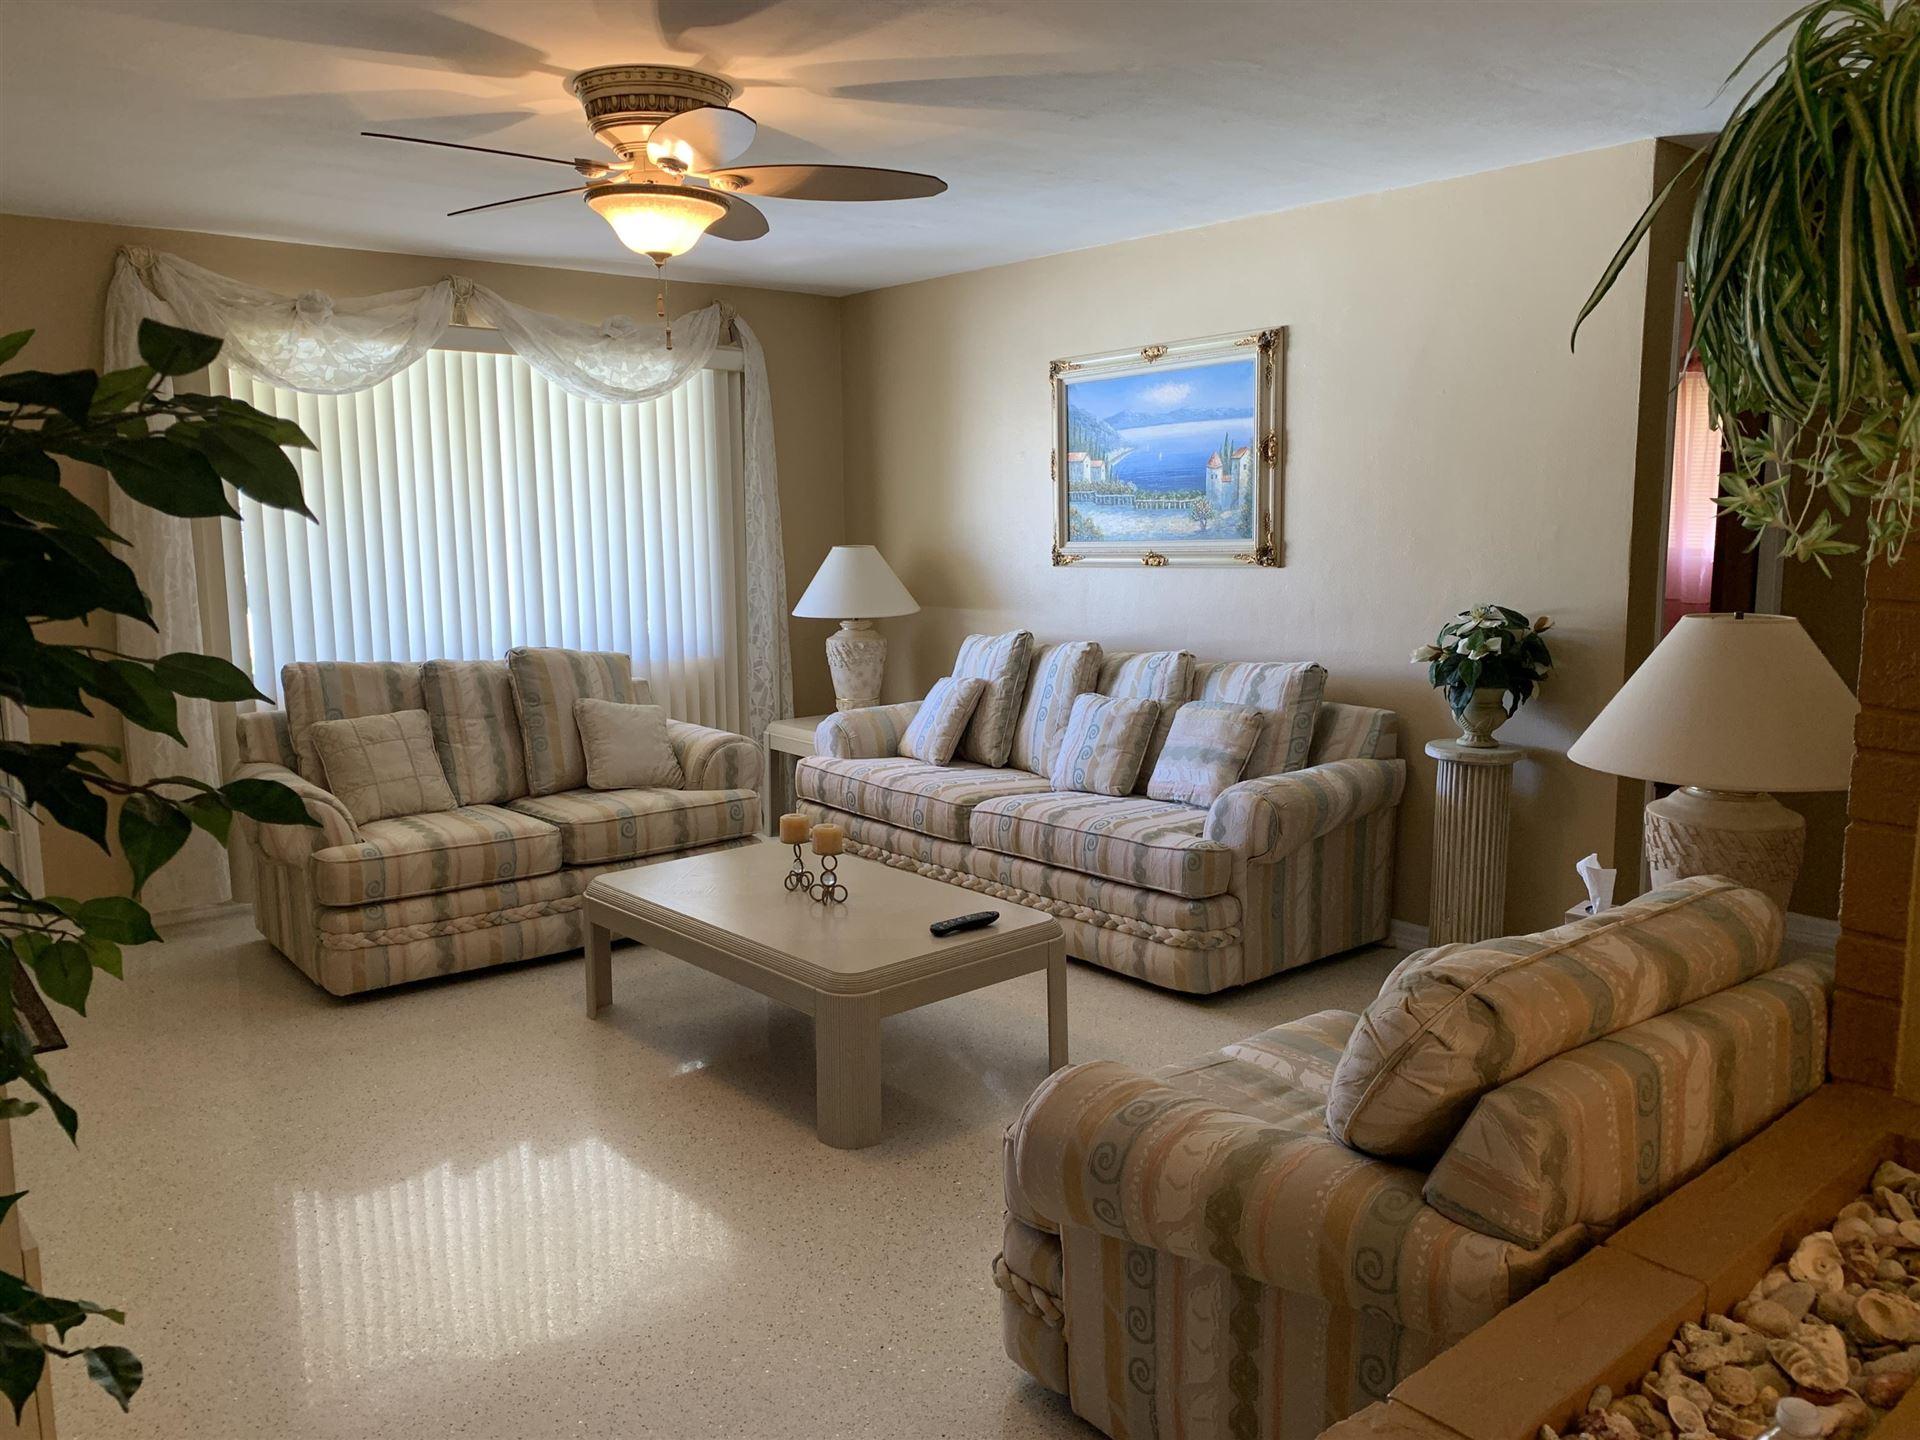 3743 NE 16th Terrace, Pompano Beach, FL 33064 - #: RX-10609422